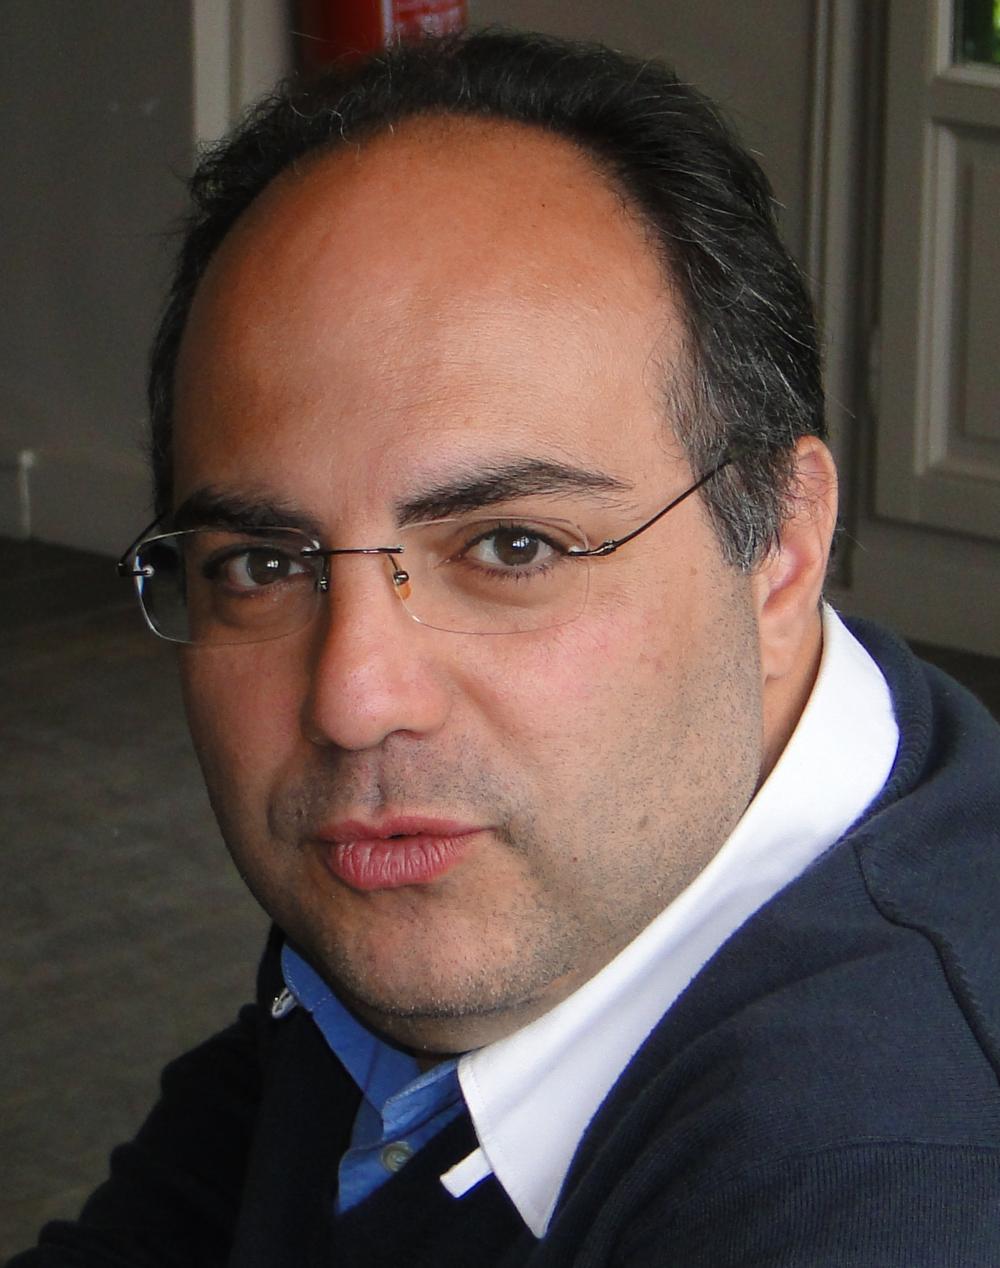 William El Kaim